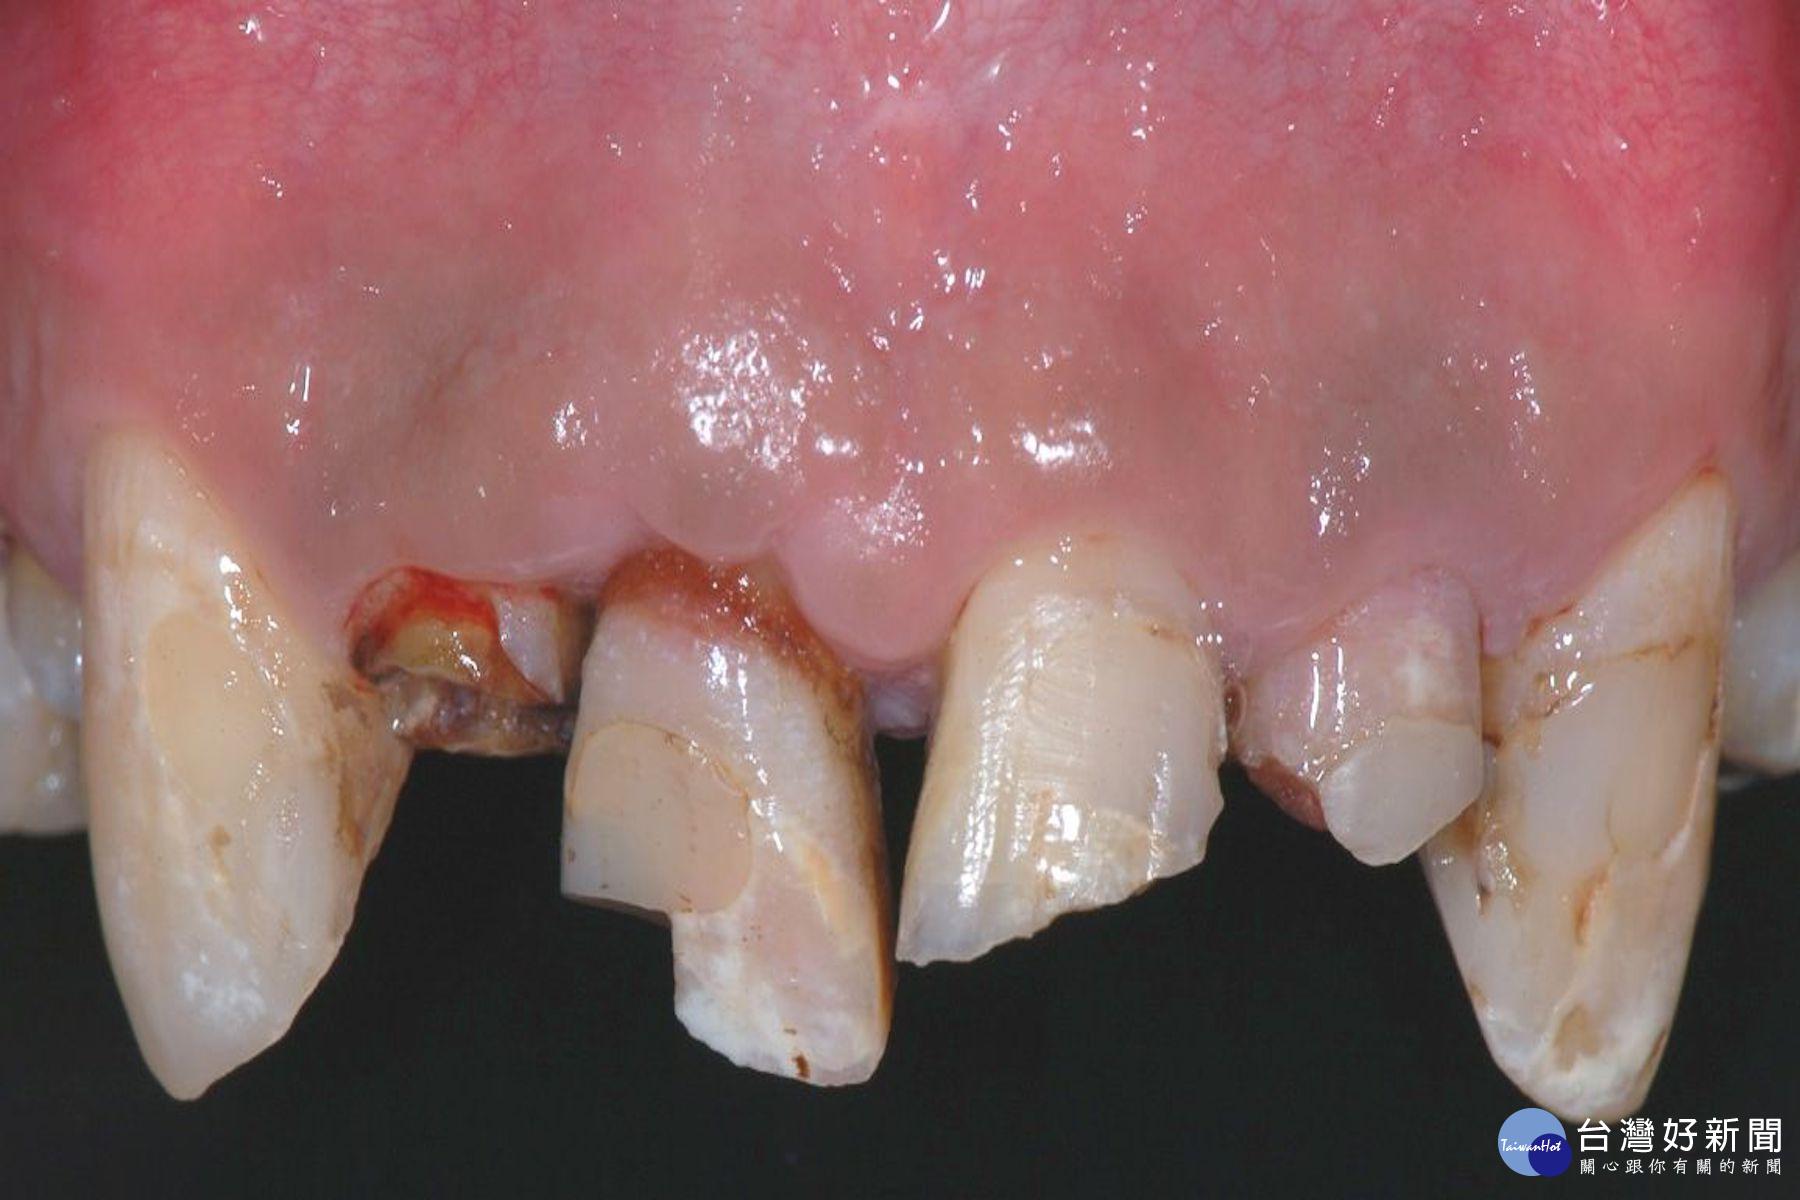 牙齒撞傷需冷靜 找回斷牙保持潮濕盡快就醫